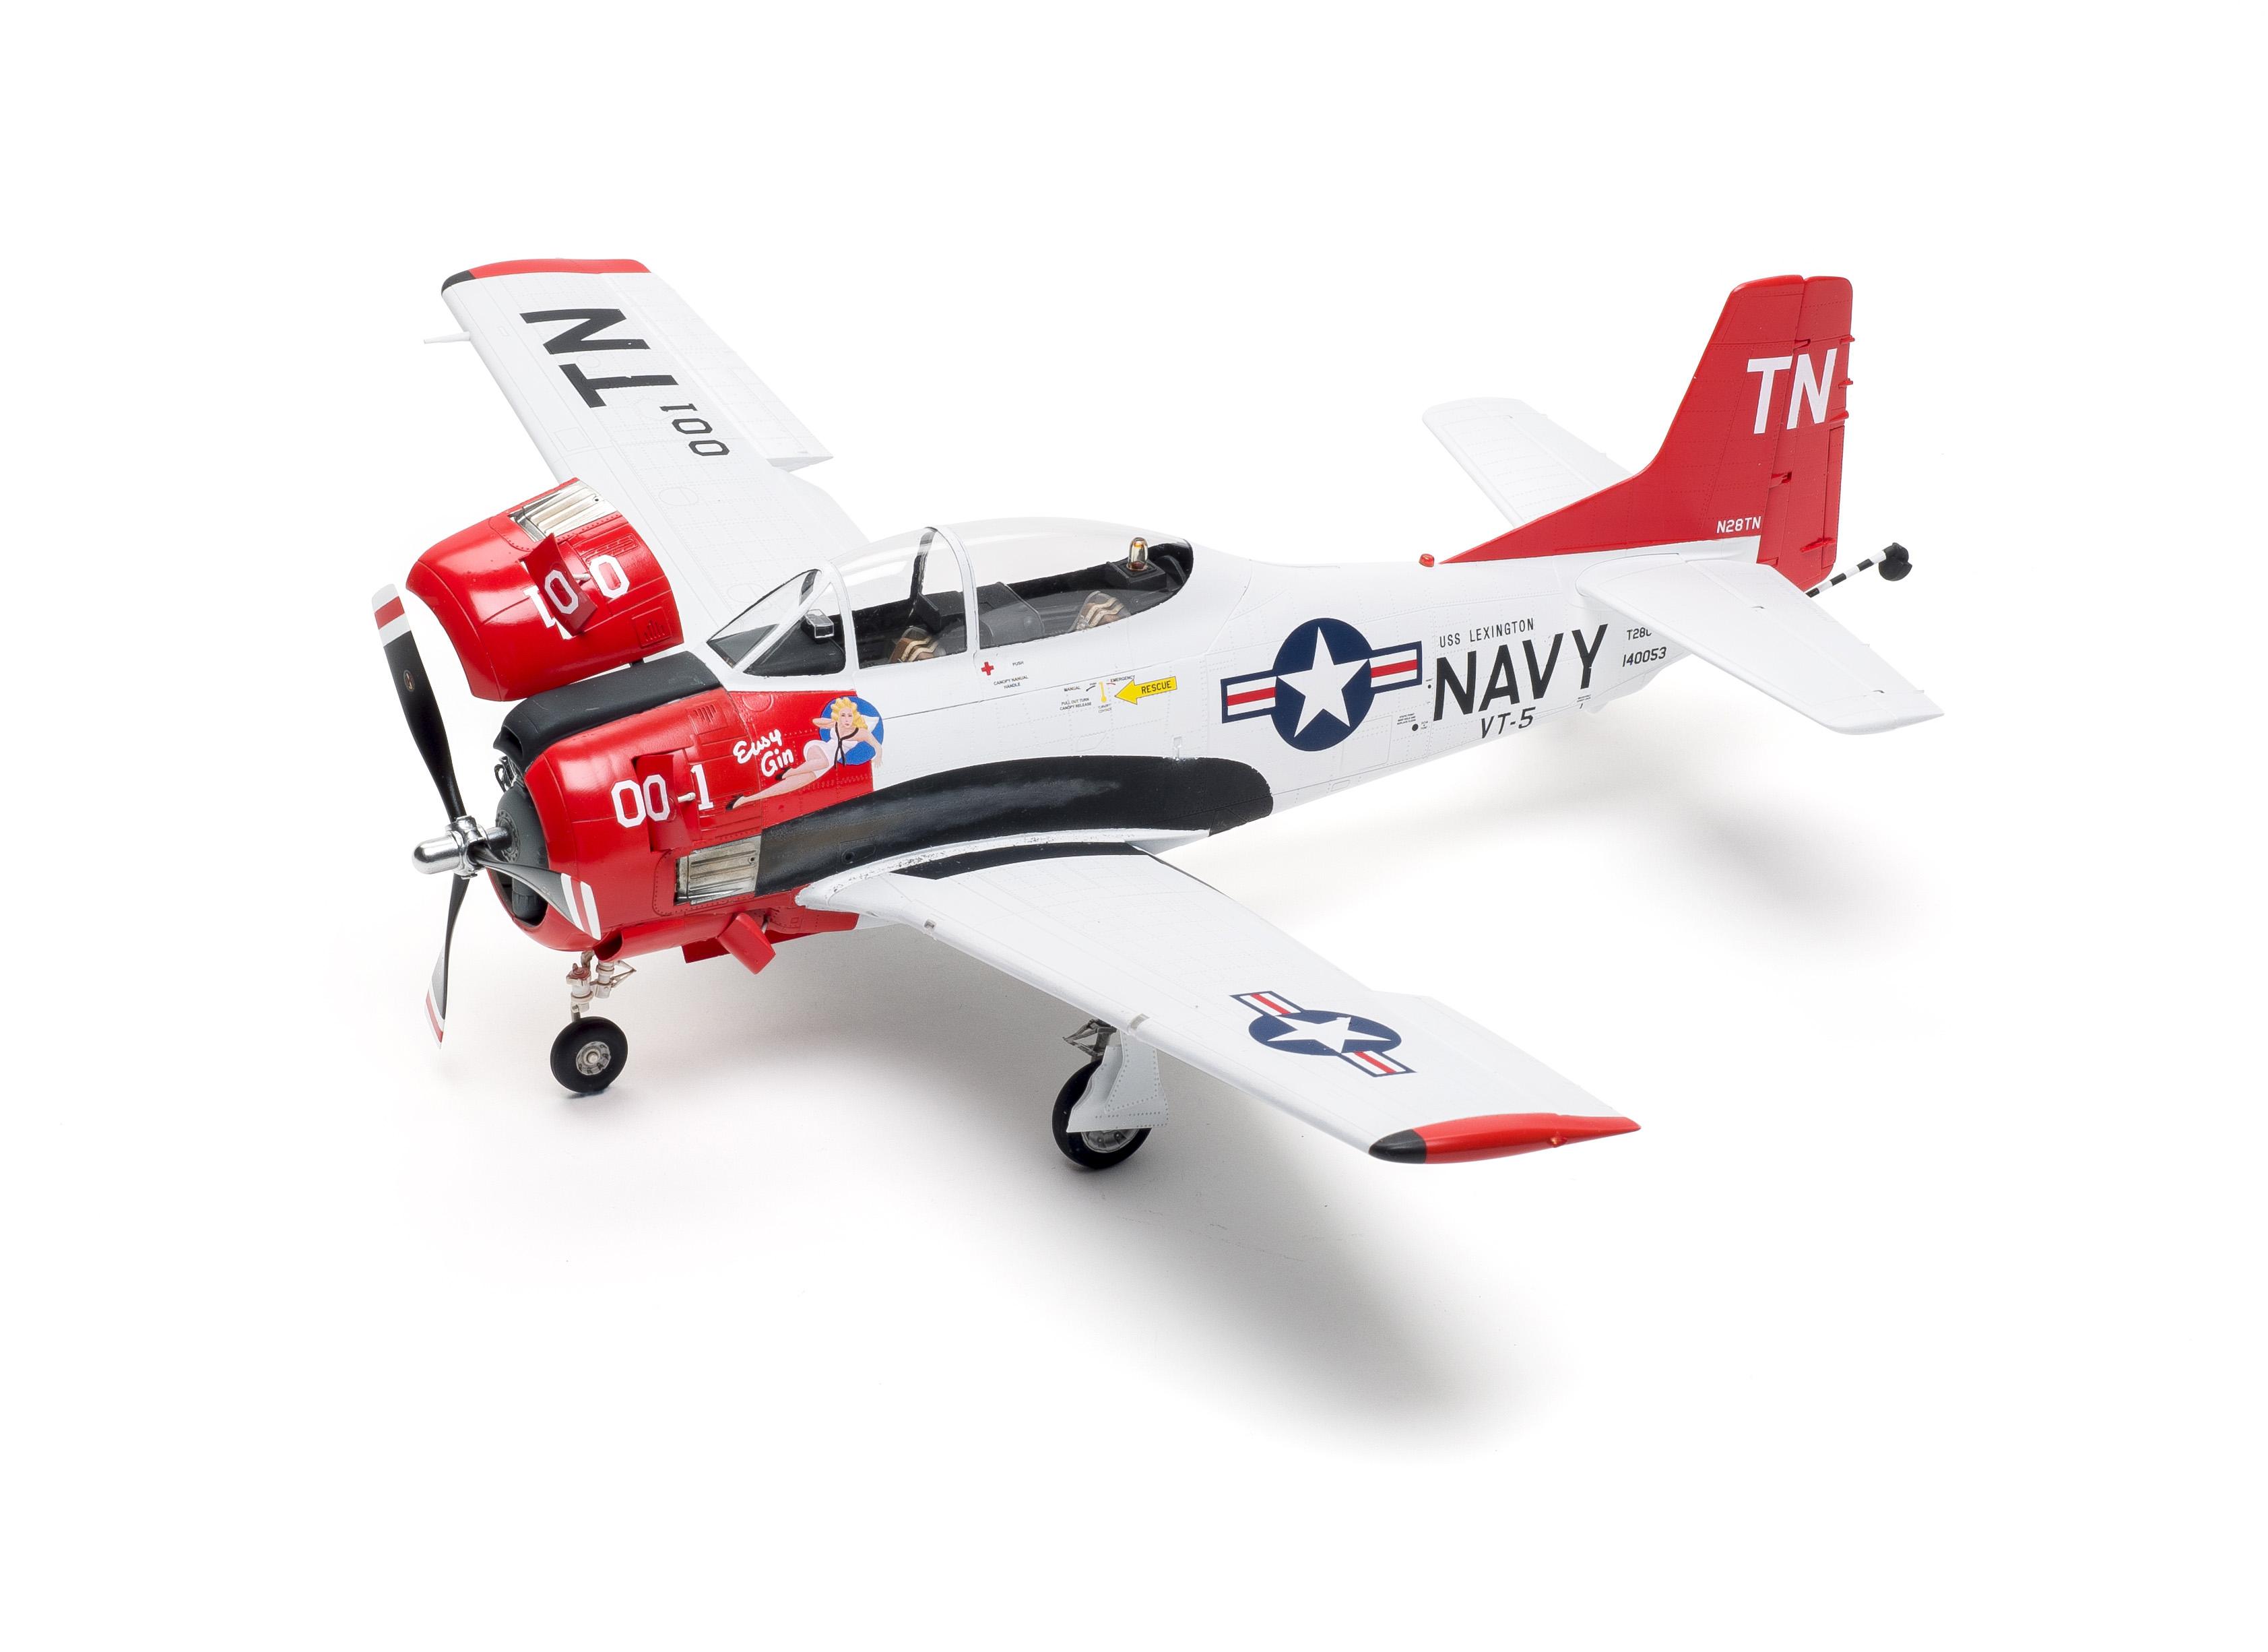 Kitty Hawk T-28C Trojan new scale model kit build review   FineScale Modeler Magazine